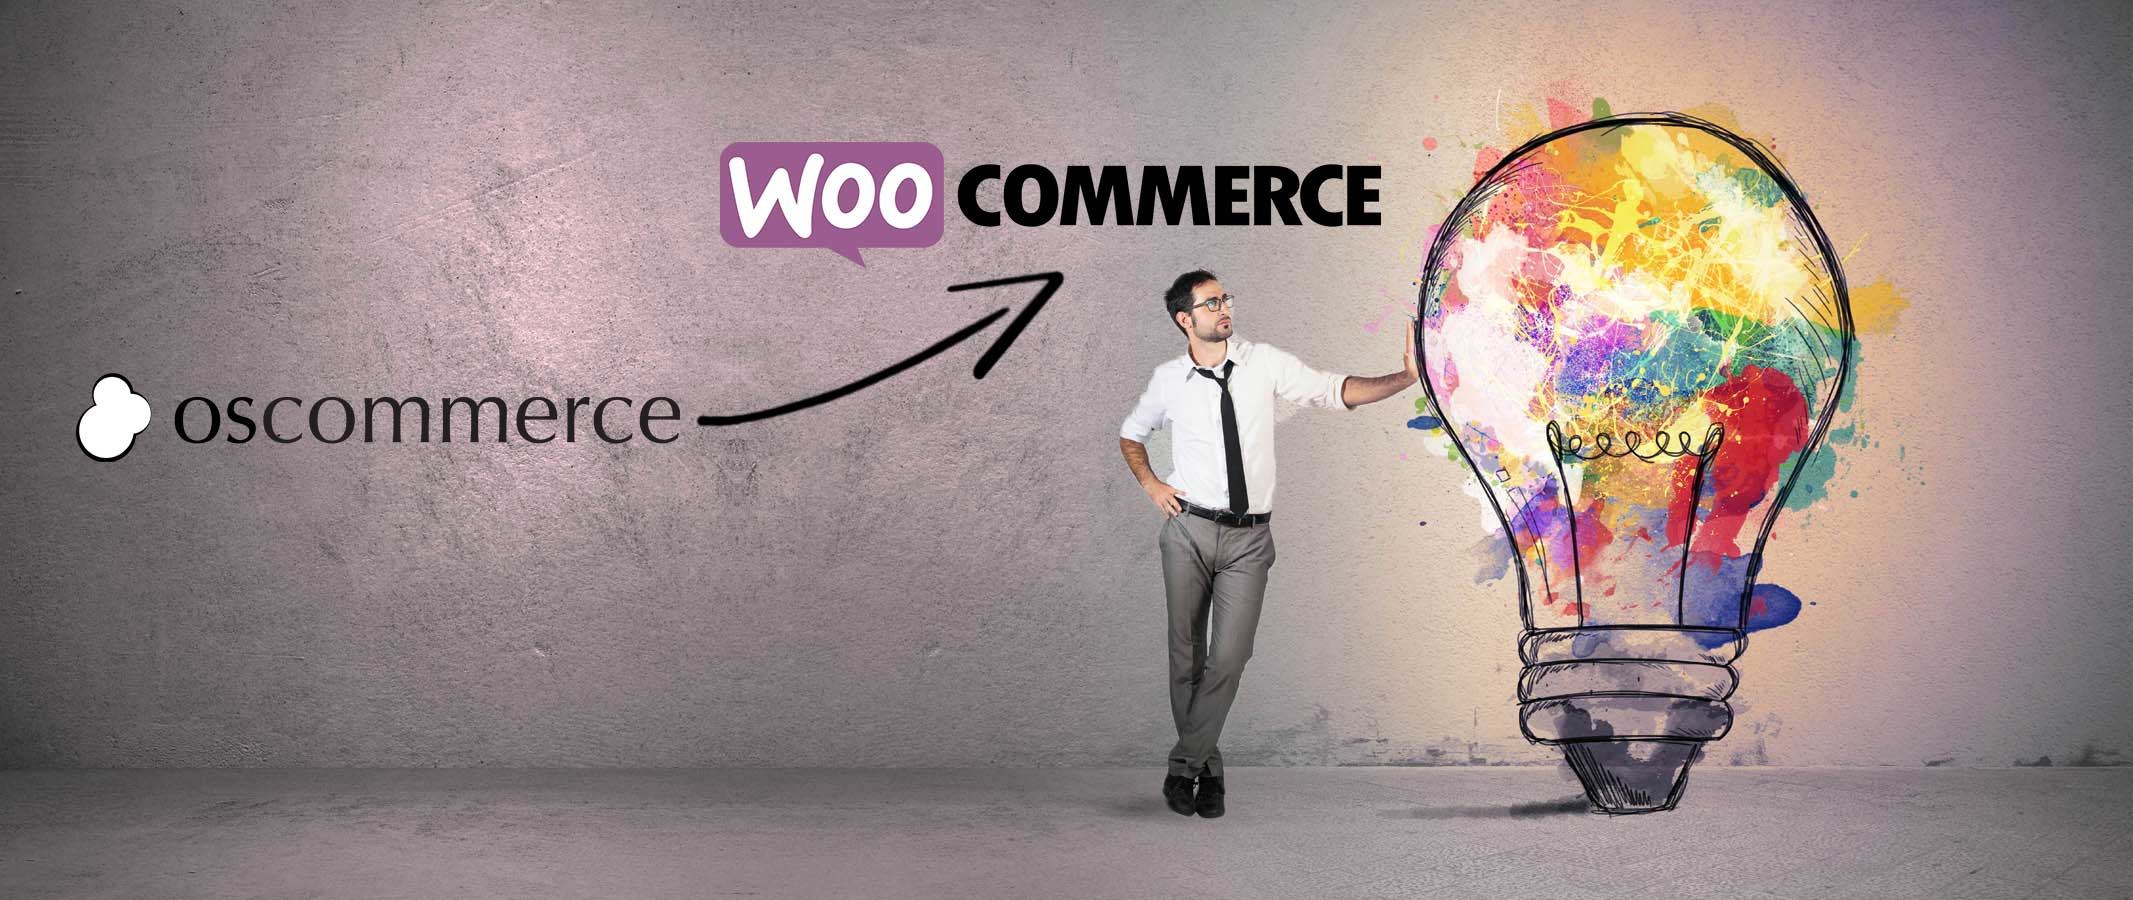 Μετατρέψτε το oscommerce σας σε wordpress